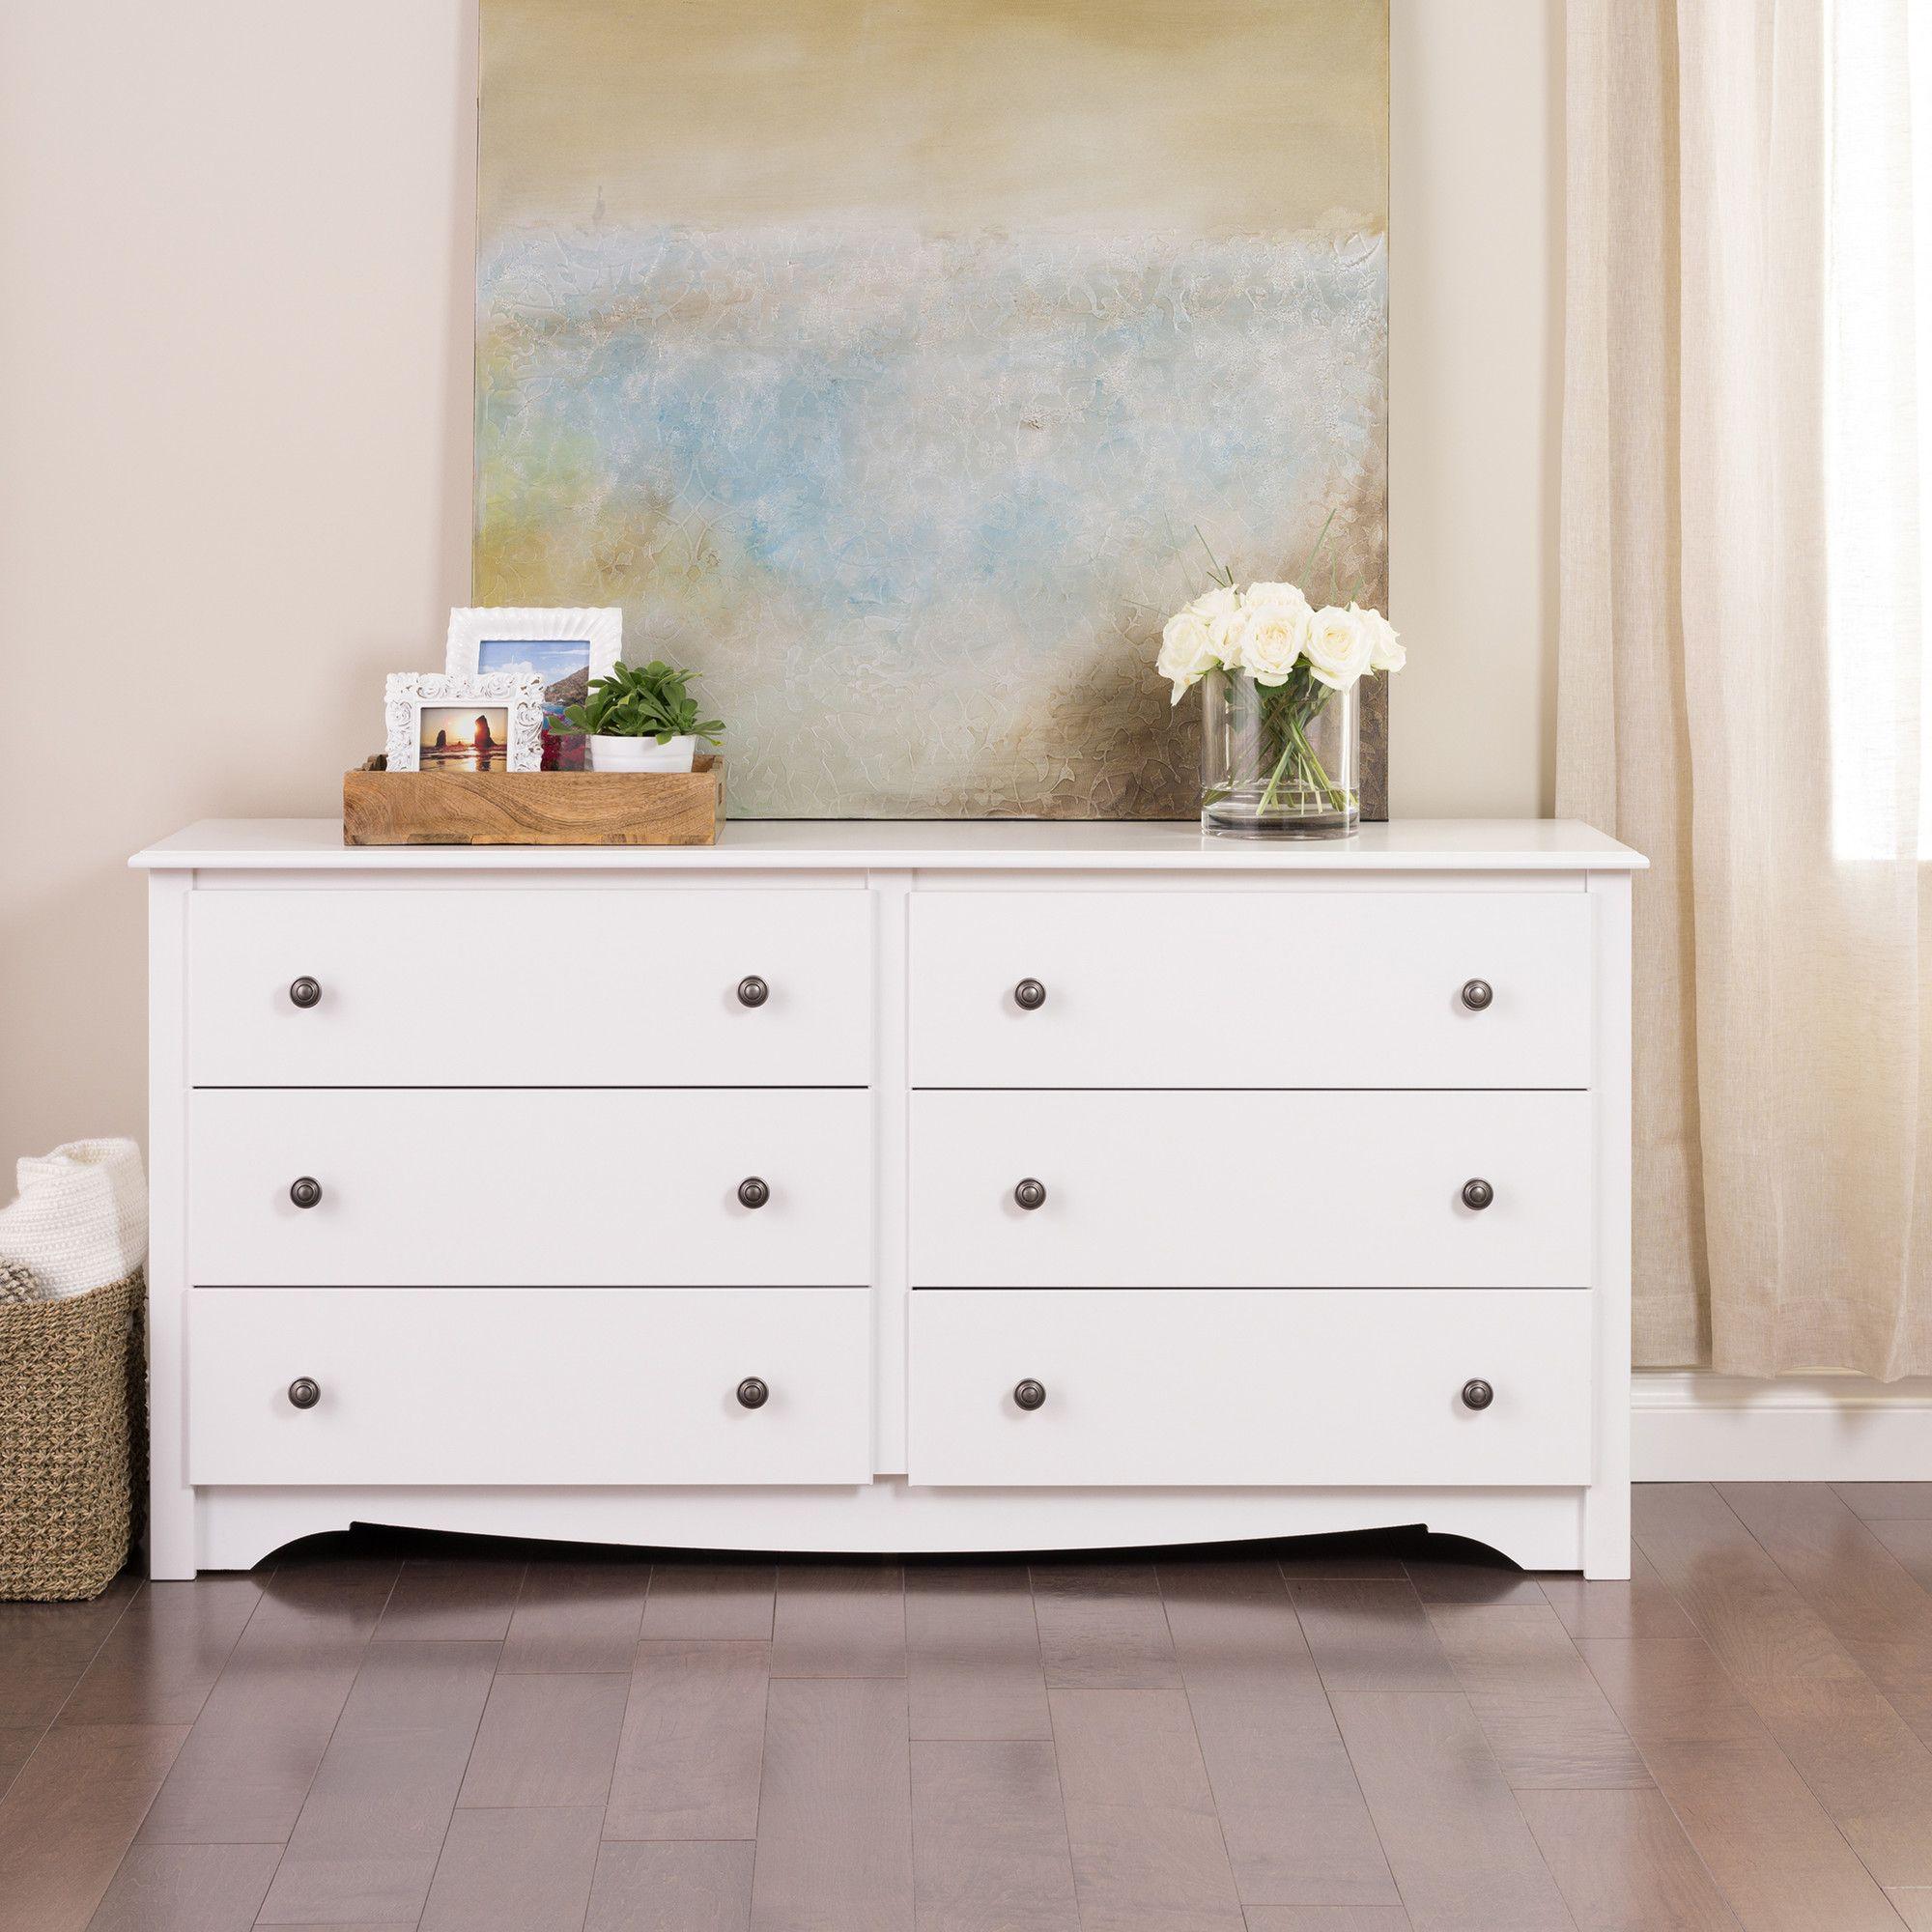 Prepac Monterey 6 Drawer Dresser White Dresser Bedroom White 6 Drawer Dresser 6 Drawer Dresser [ 2000 x 2000 Pixel ]